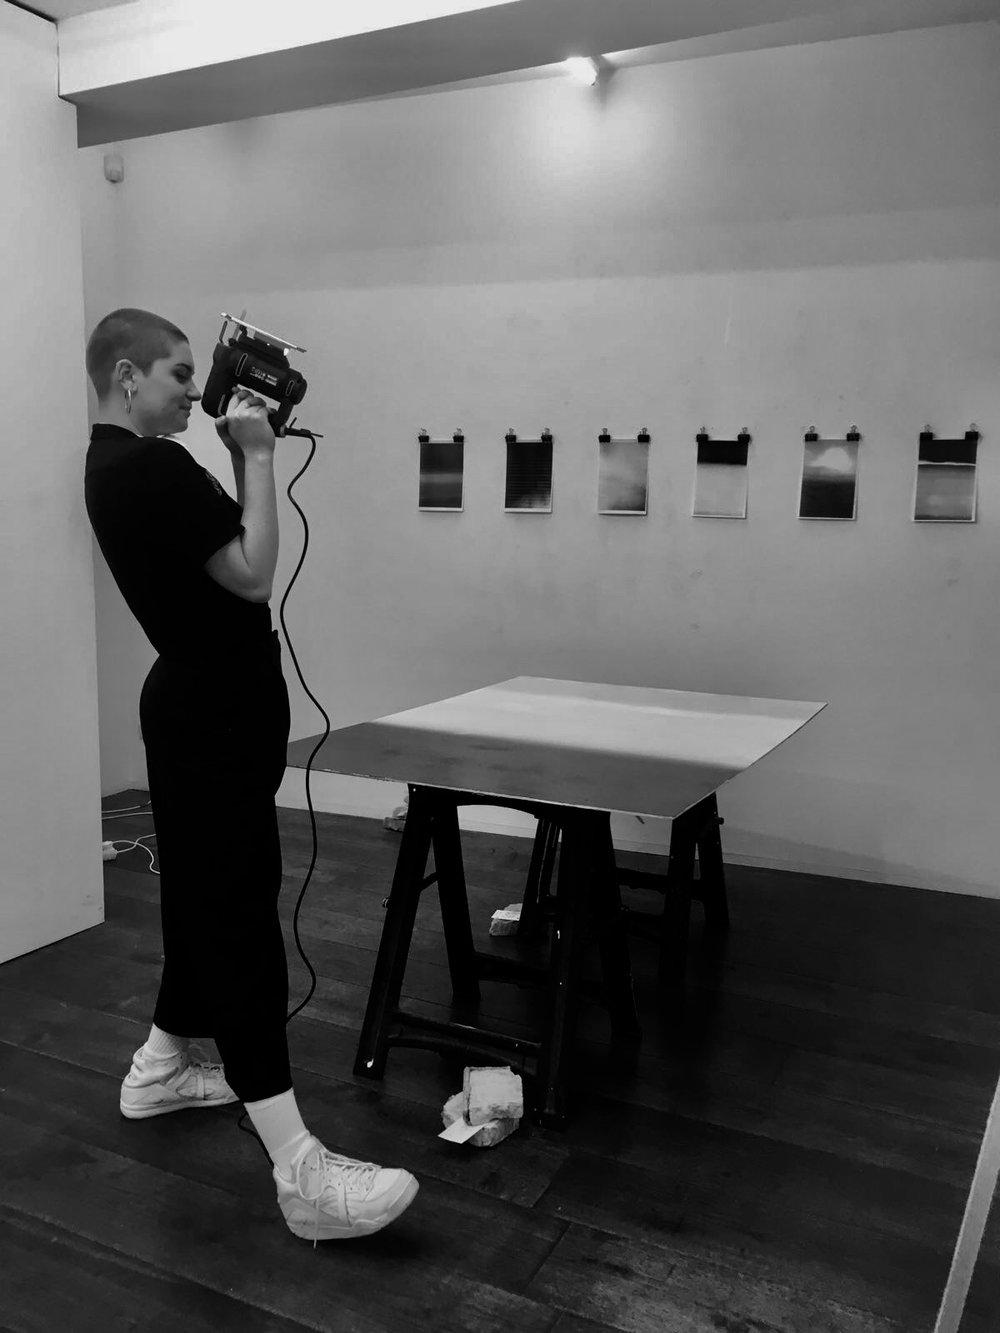 Sophie Spekle (NL) - Sophie Spekle (NL), die sich gerade in ihrem Abschlussjahr an der University of the Arts Utrecht befindet, konstruiert Multimedia-Installationen. Ihre Arbeit basiert oft auf Sprache und fragt wie uns das post-digitale Zeitalter beeinflusst, wie wir mit Bildern, Objekten und den Räumen, in die unsere Körper physikalisch und immatieriell eintreten, interagieren.